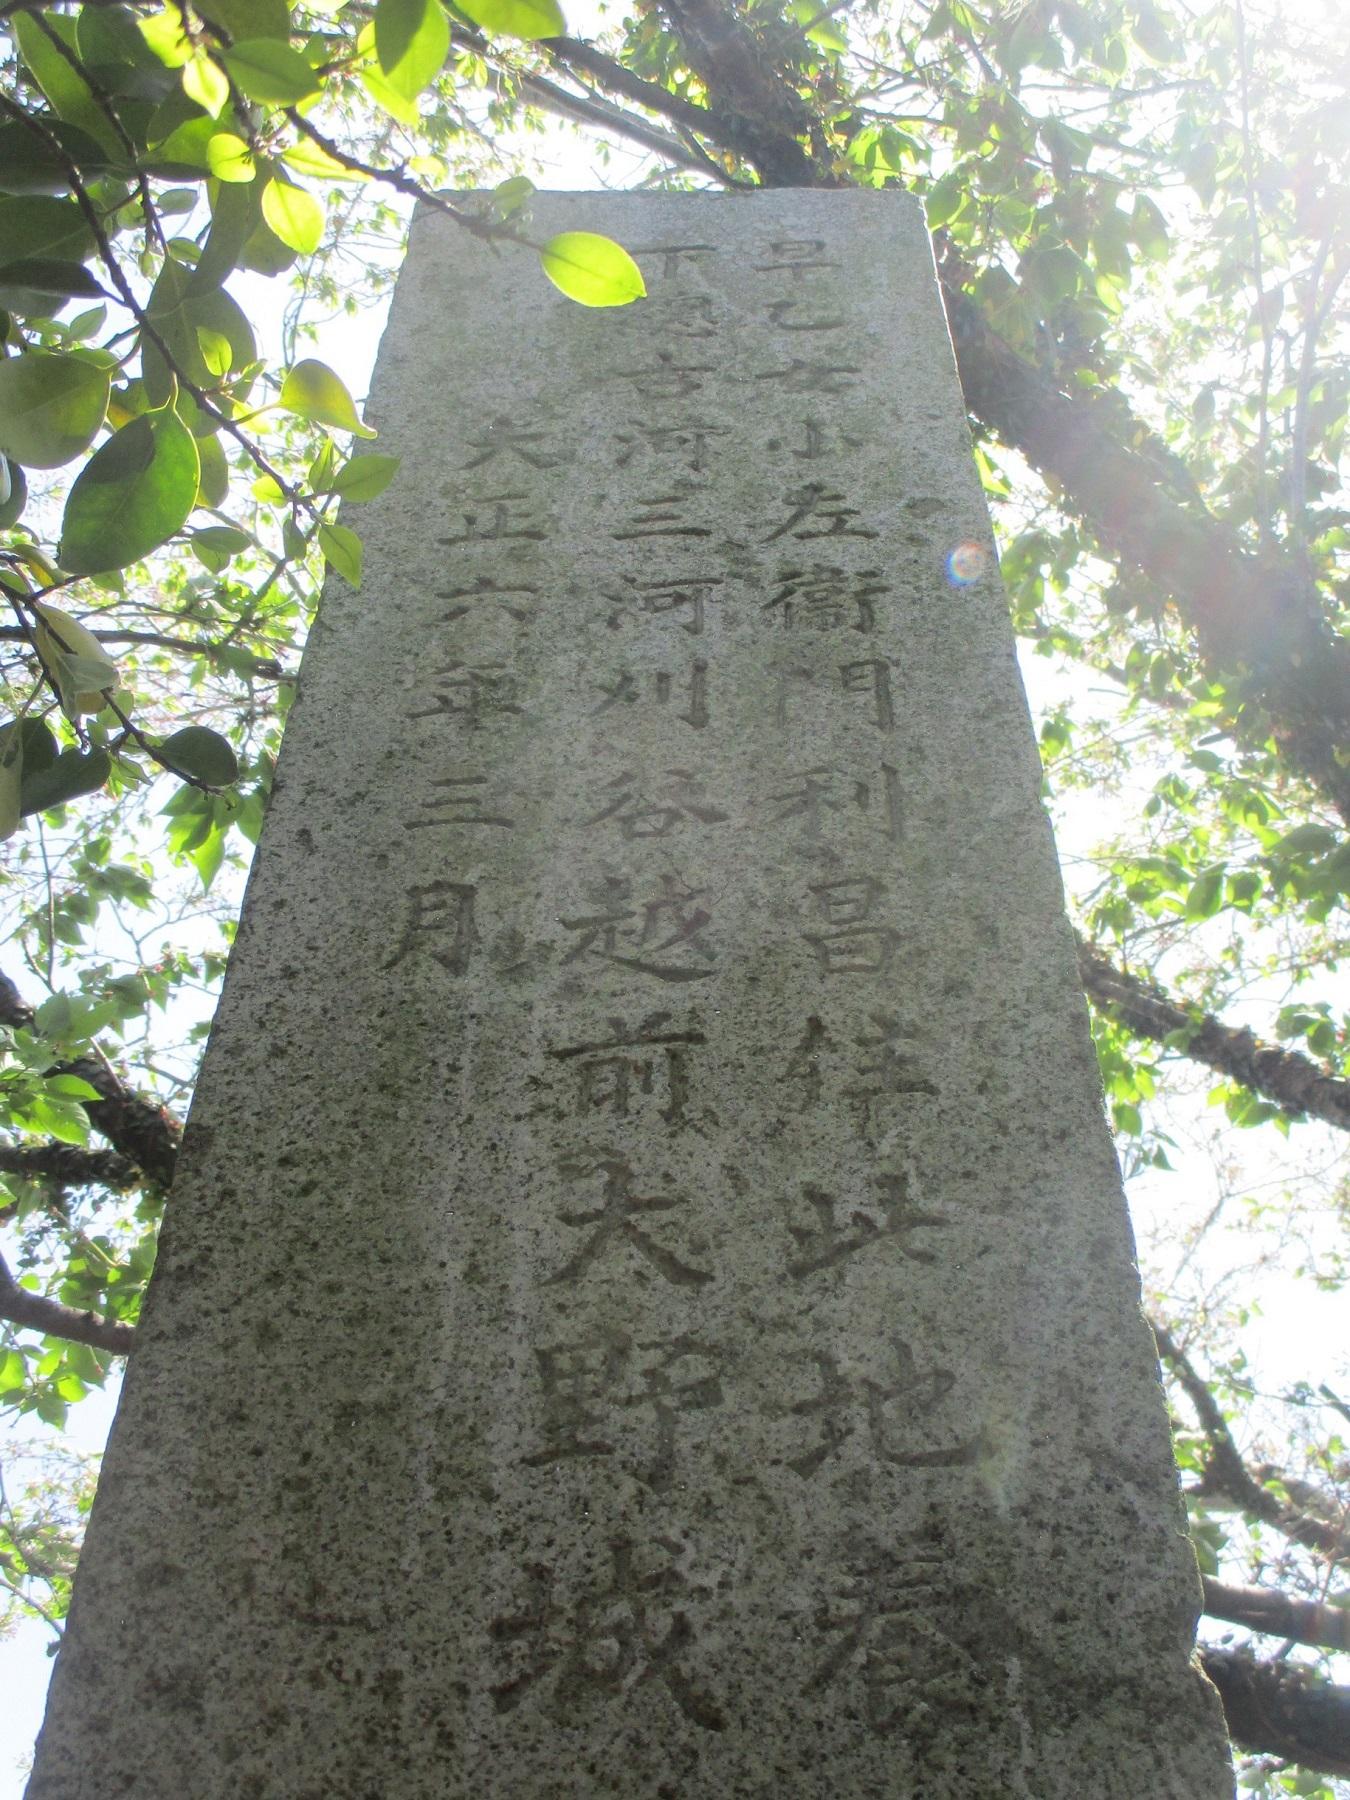 2020.4.22 (5-1) 土井氏一族発蹟地のいしぶみ - にしめんうえ 1350-1800